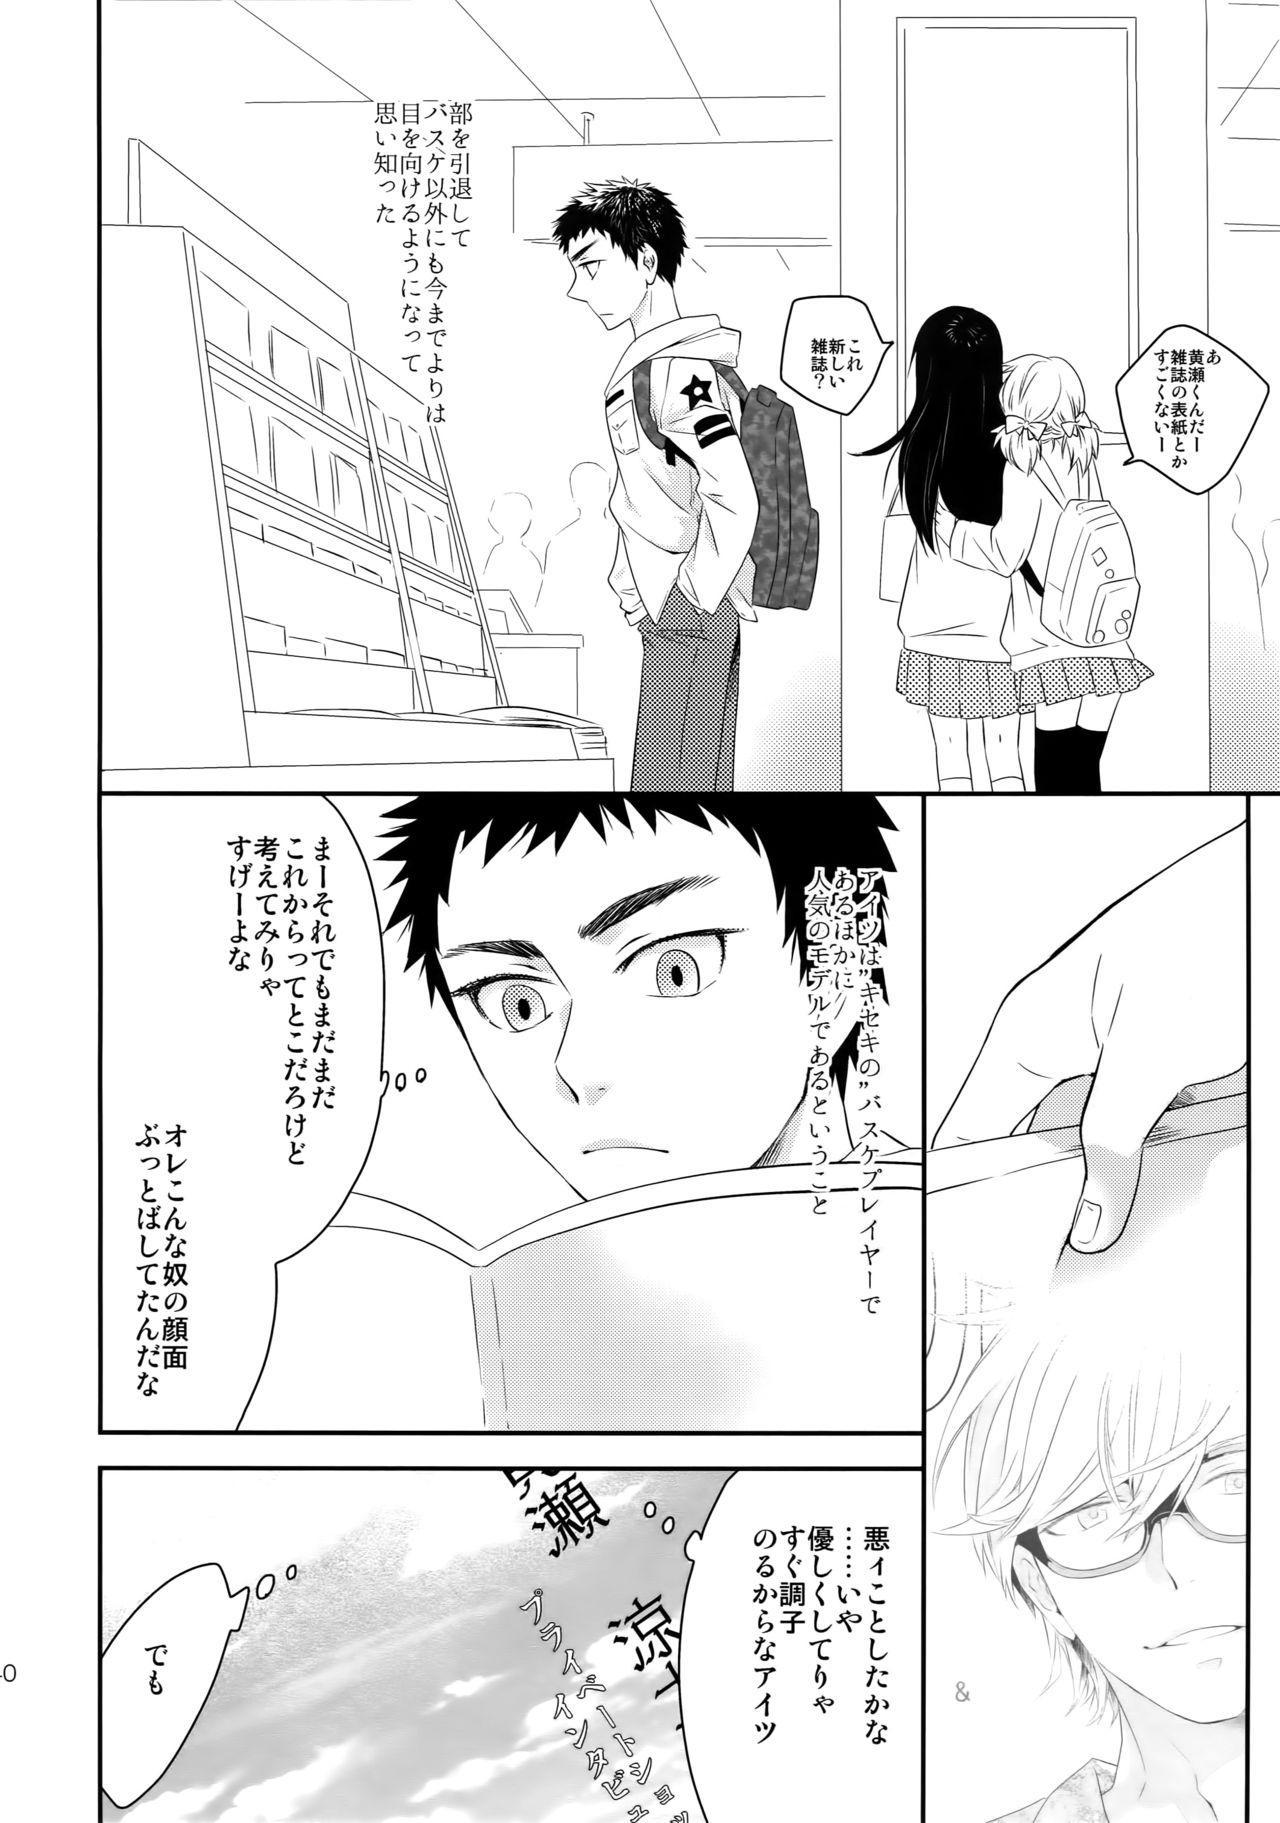 Kanpeki Kareshi to Zettai Ryouiki Ouji-sama 38